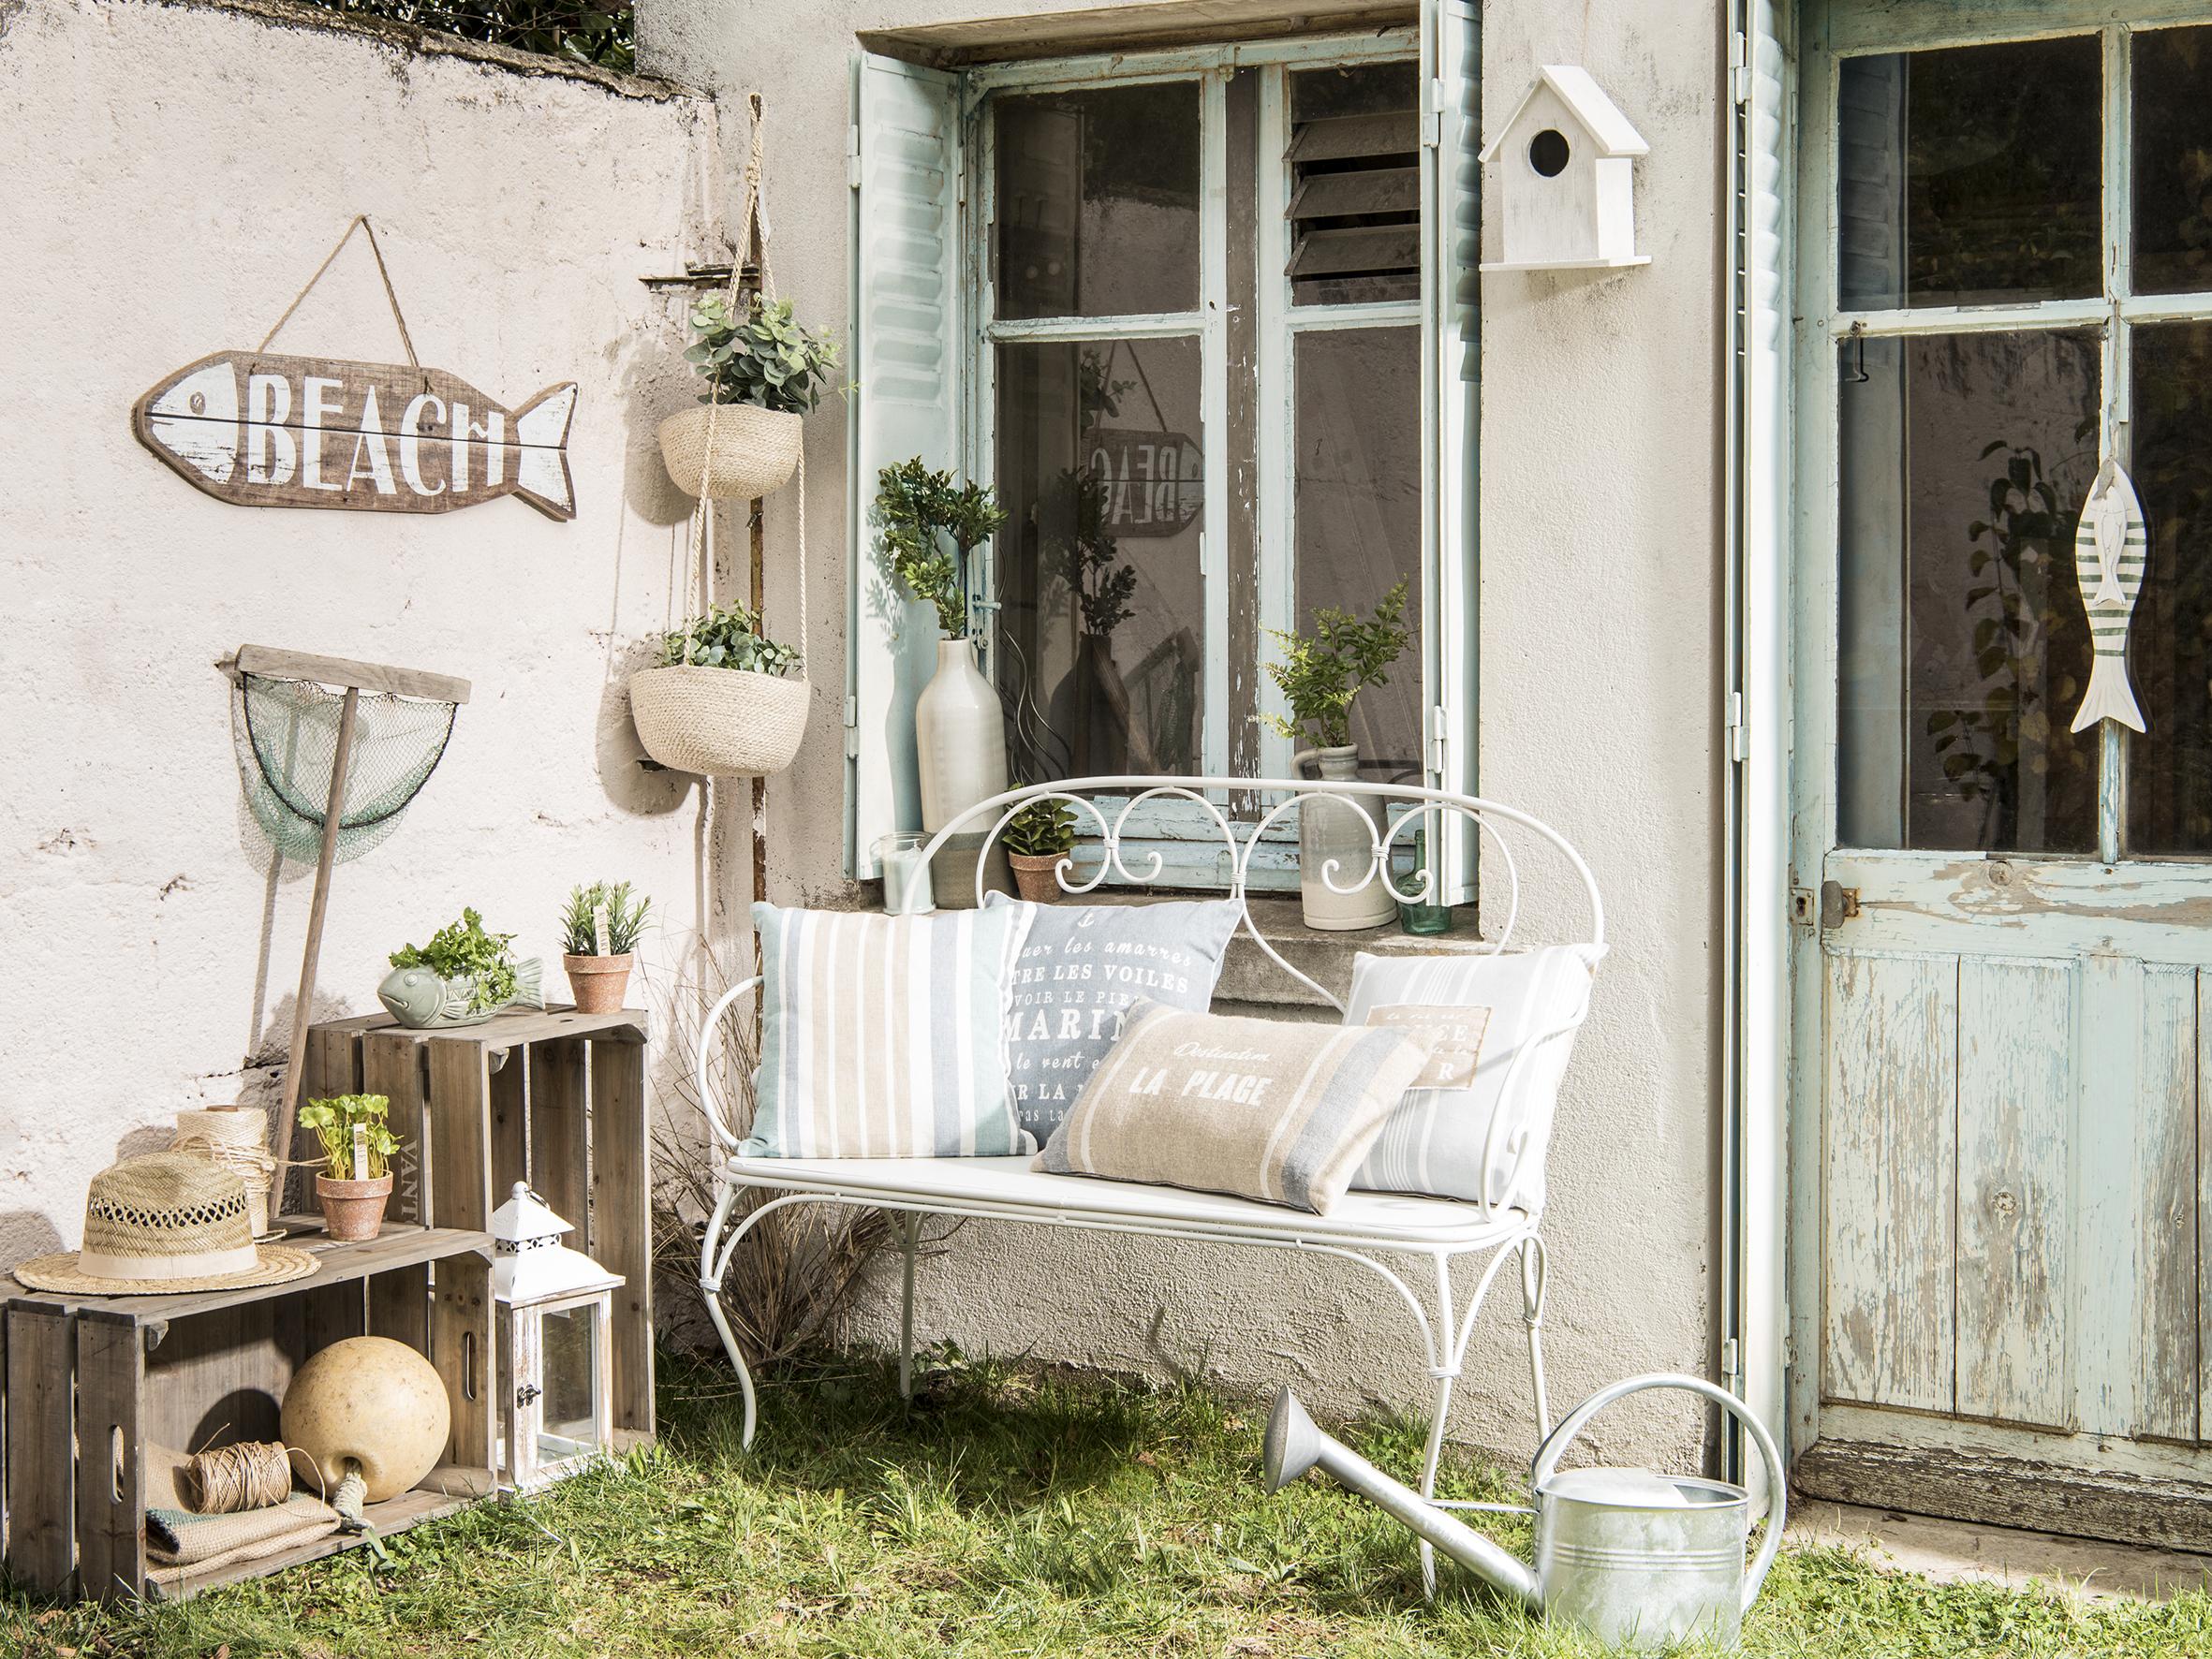 French style in giardino shabby chic mania by grazia for Arredamento oggettistica